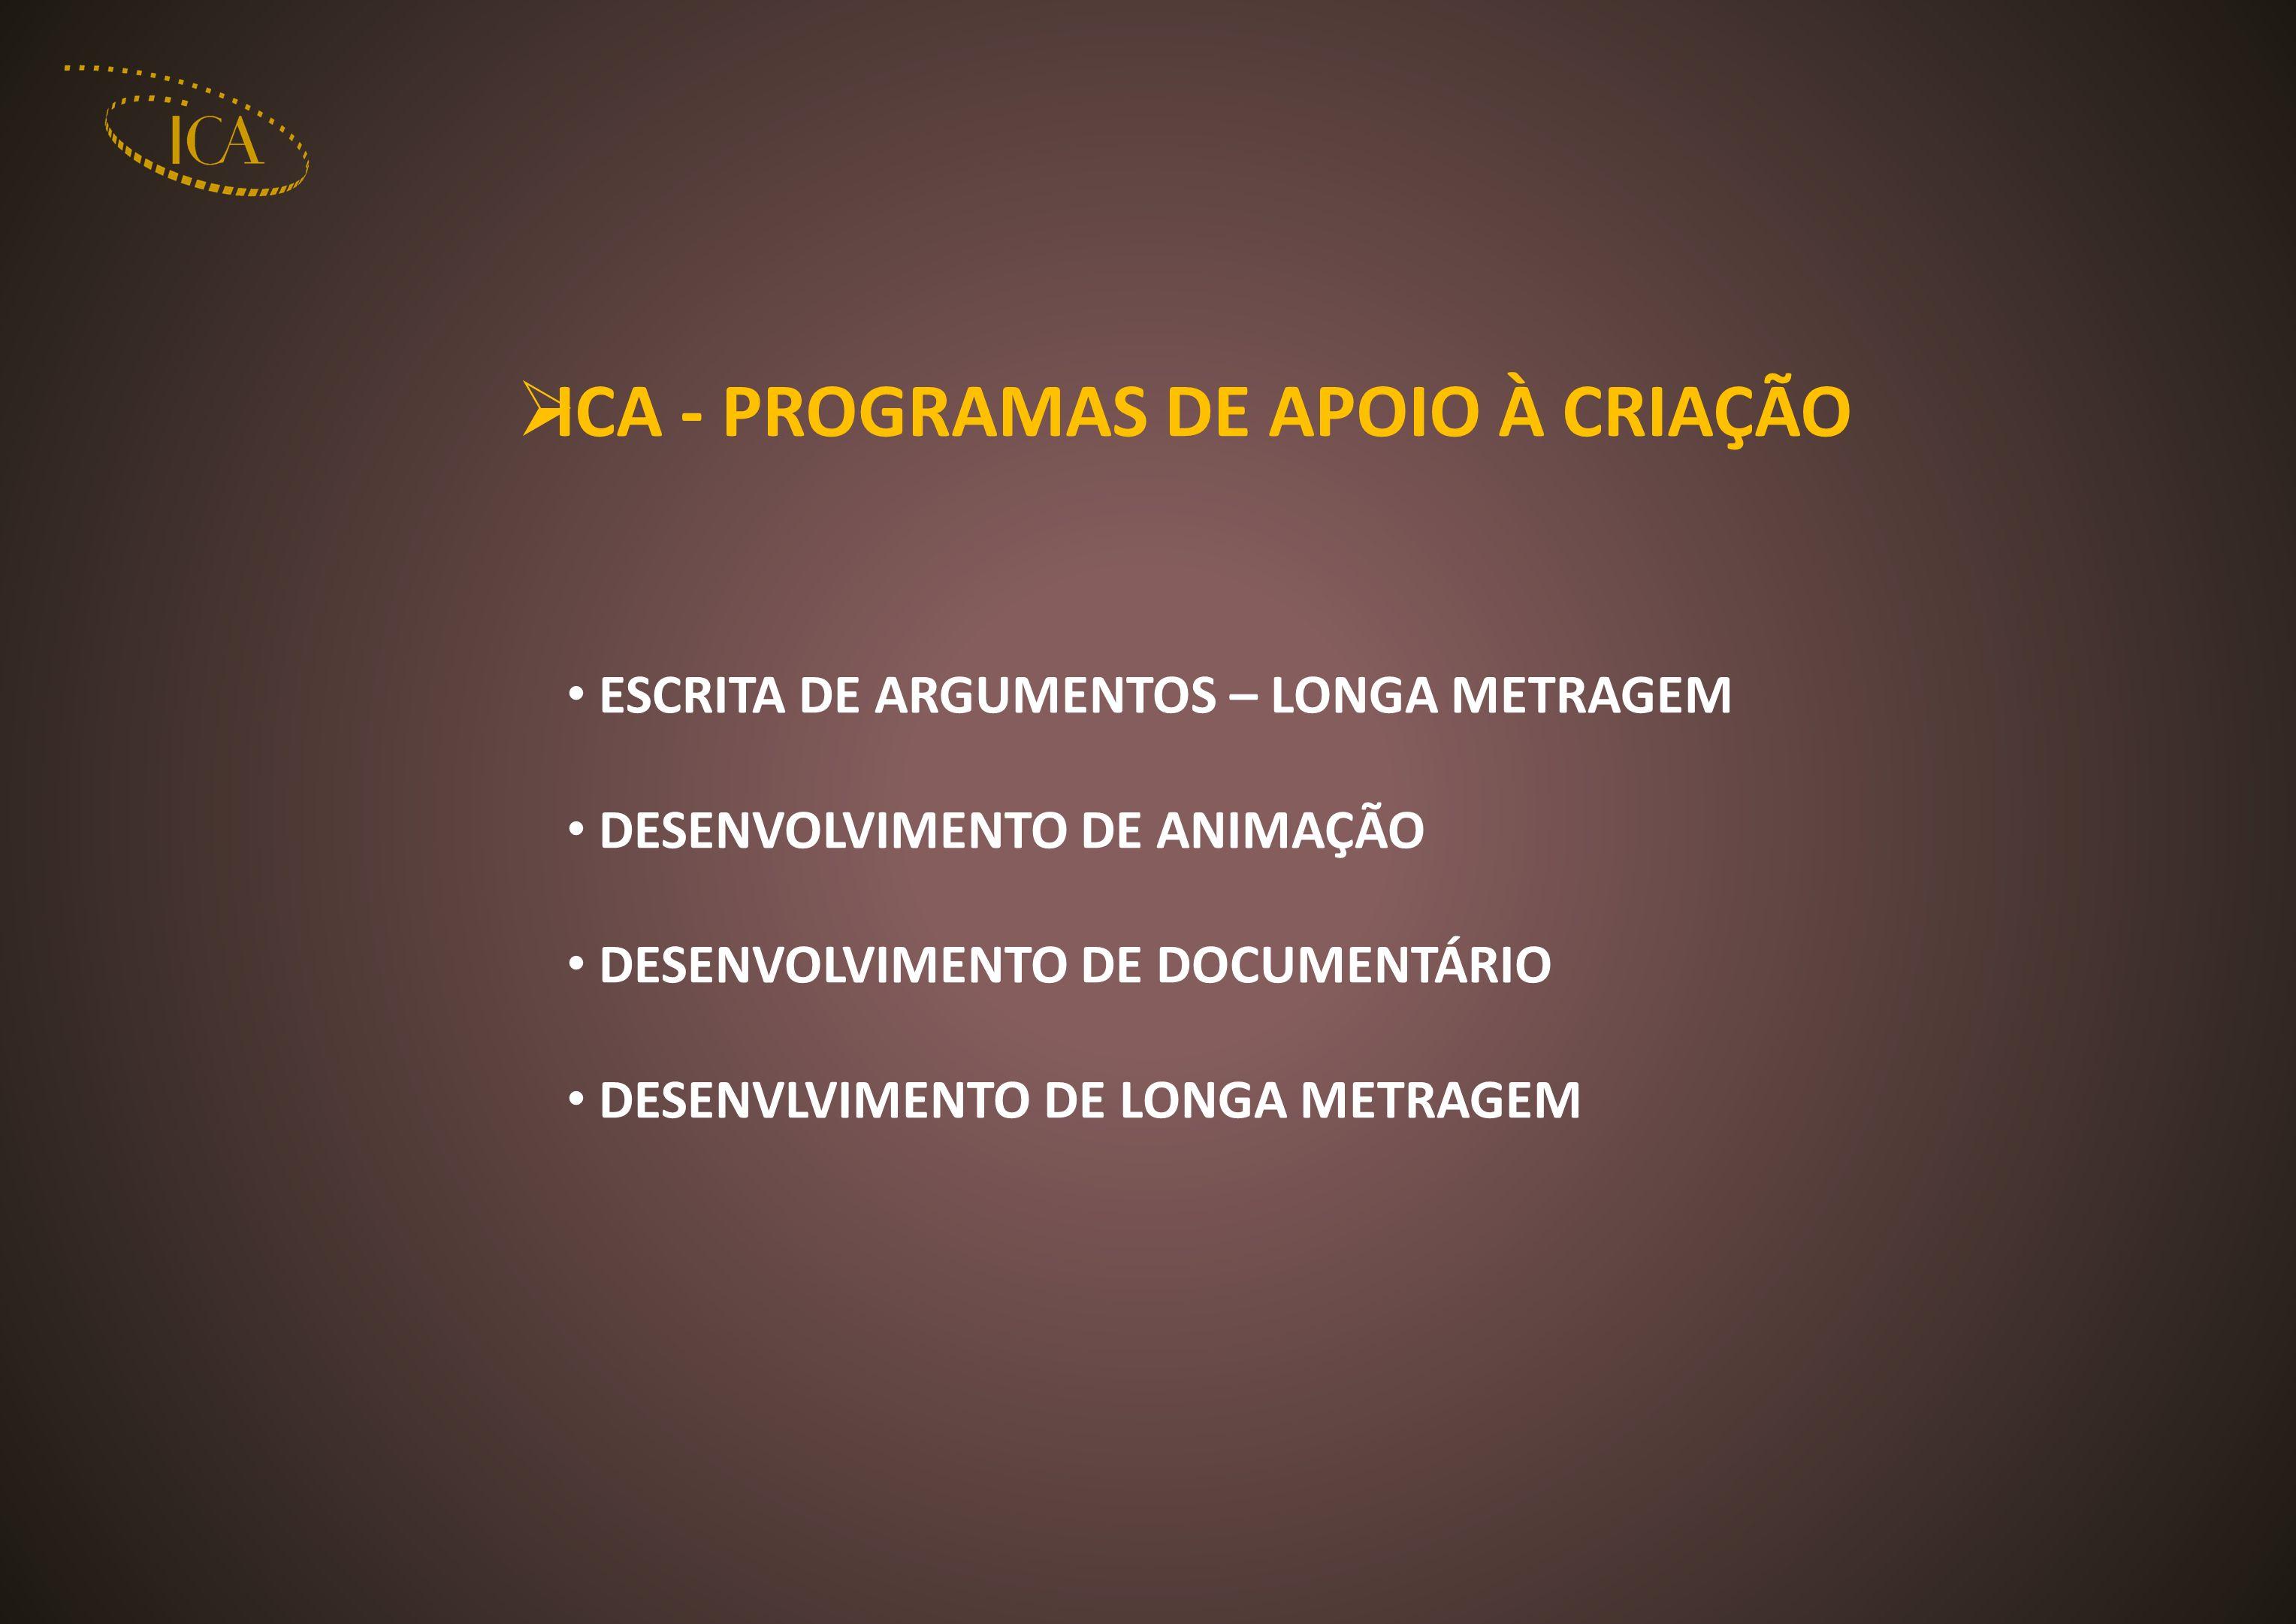 ICA - PROGRAMAS DE APOIO À CRIAÇÃO